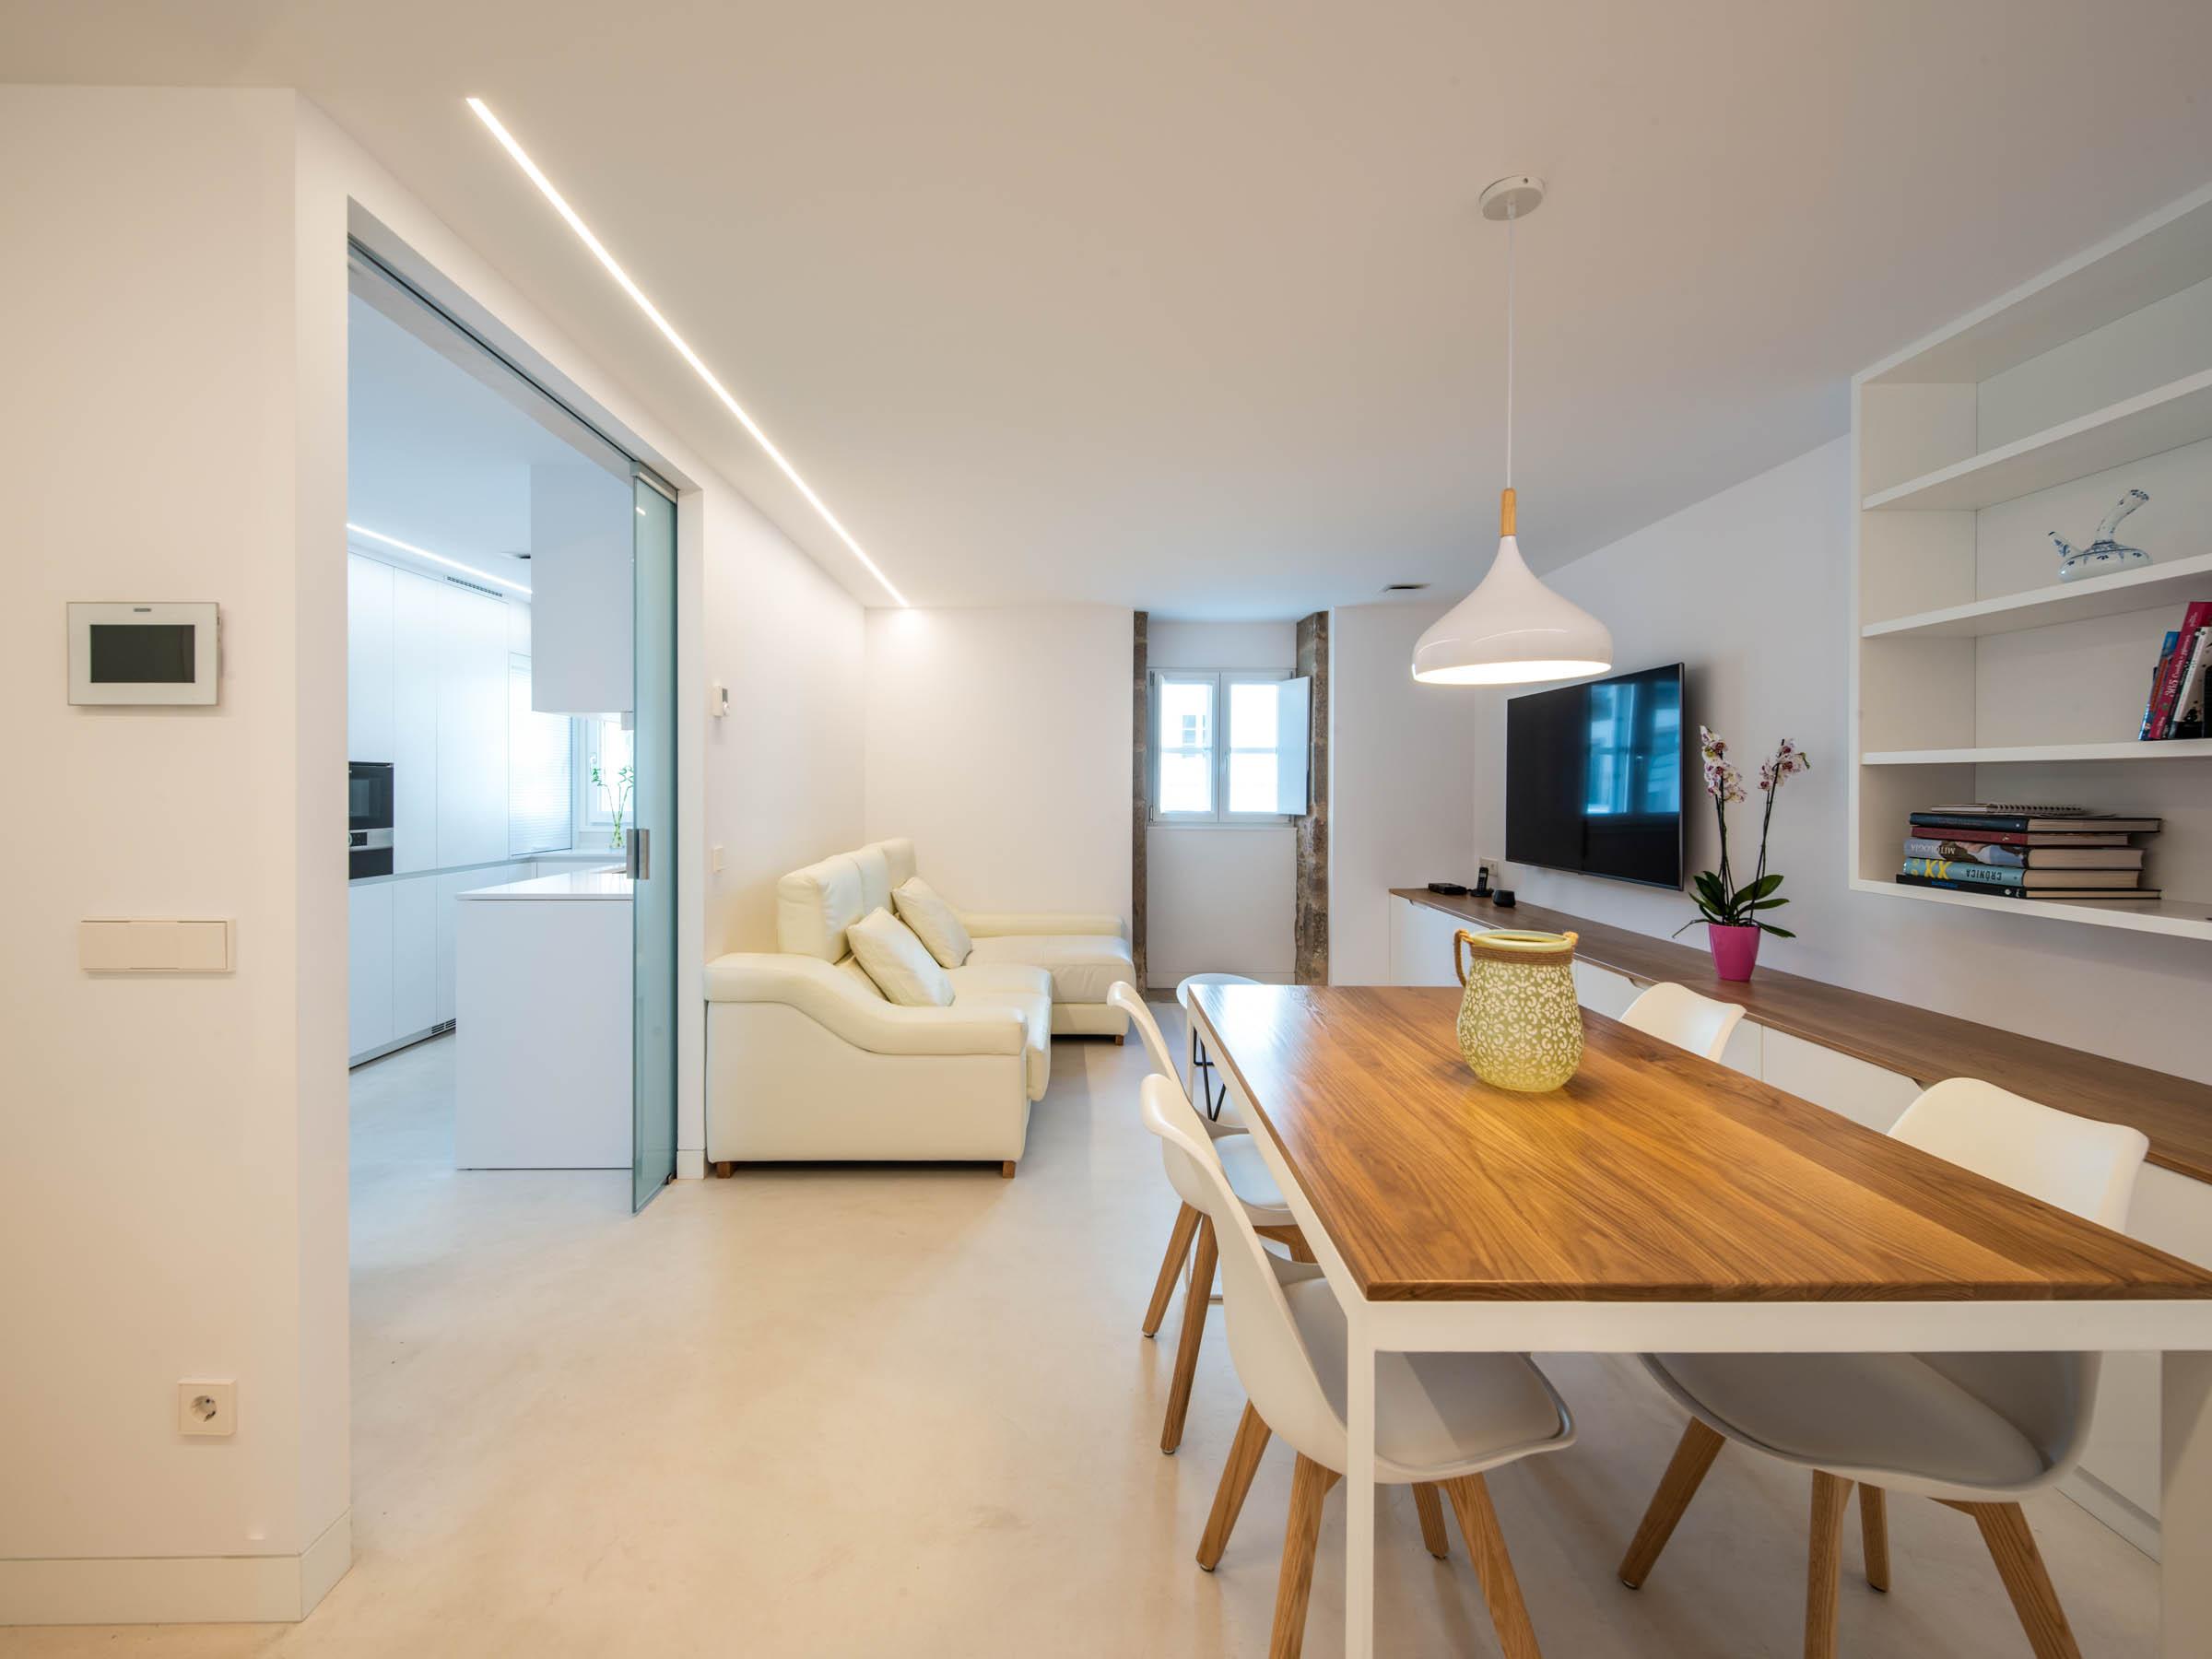 Cocina semiabierta al salón con puertas de cristal Santiago Interiores